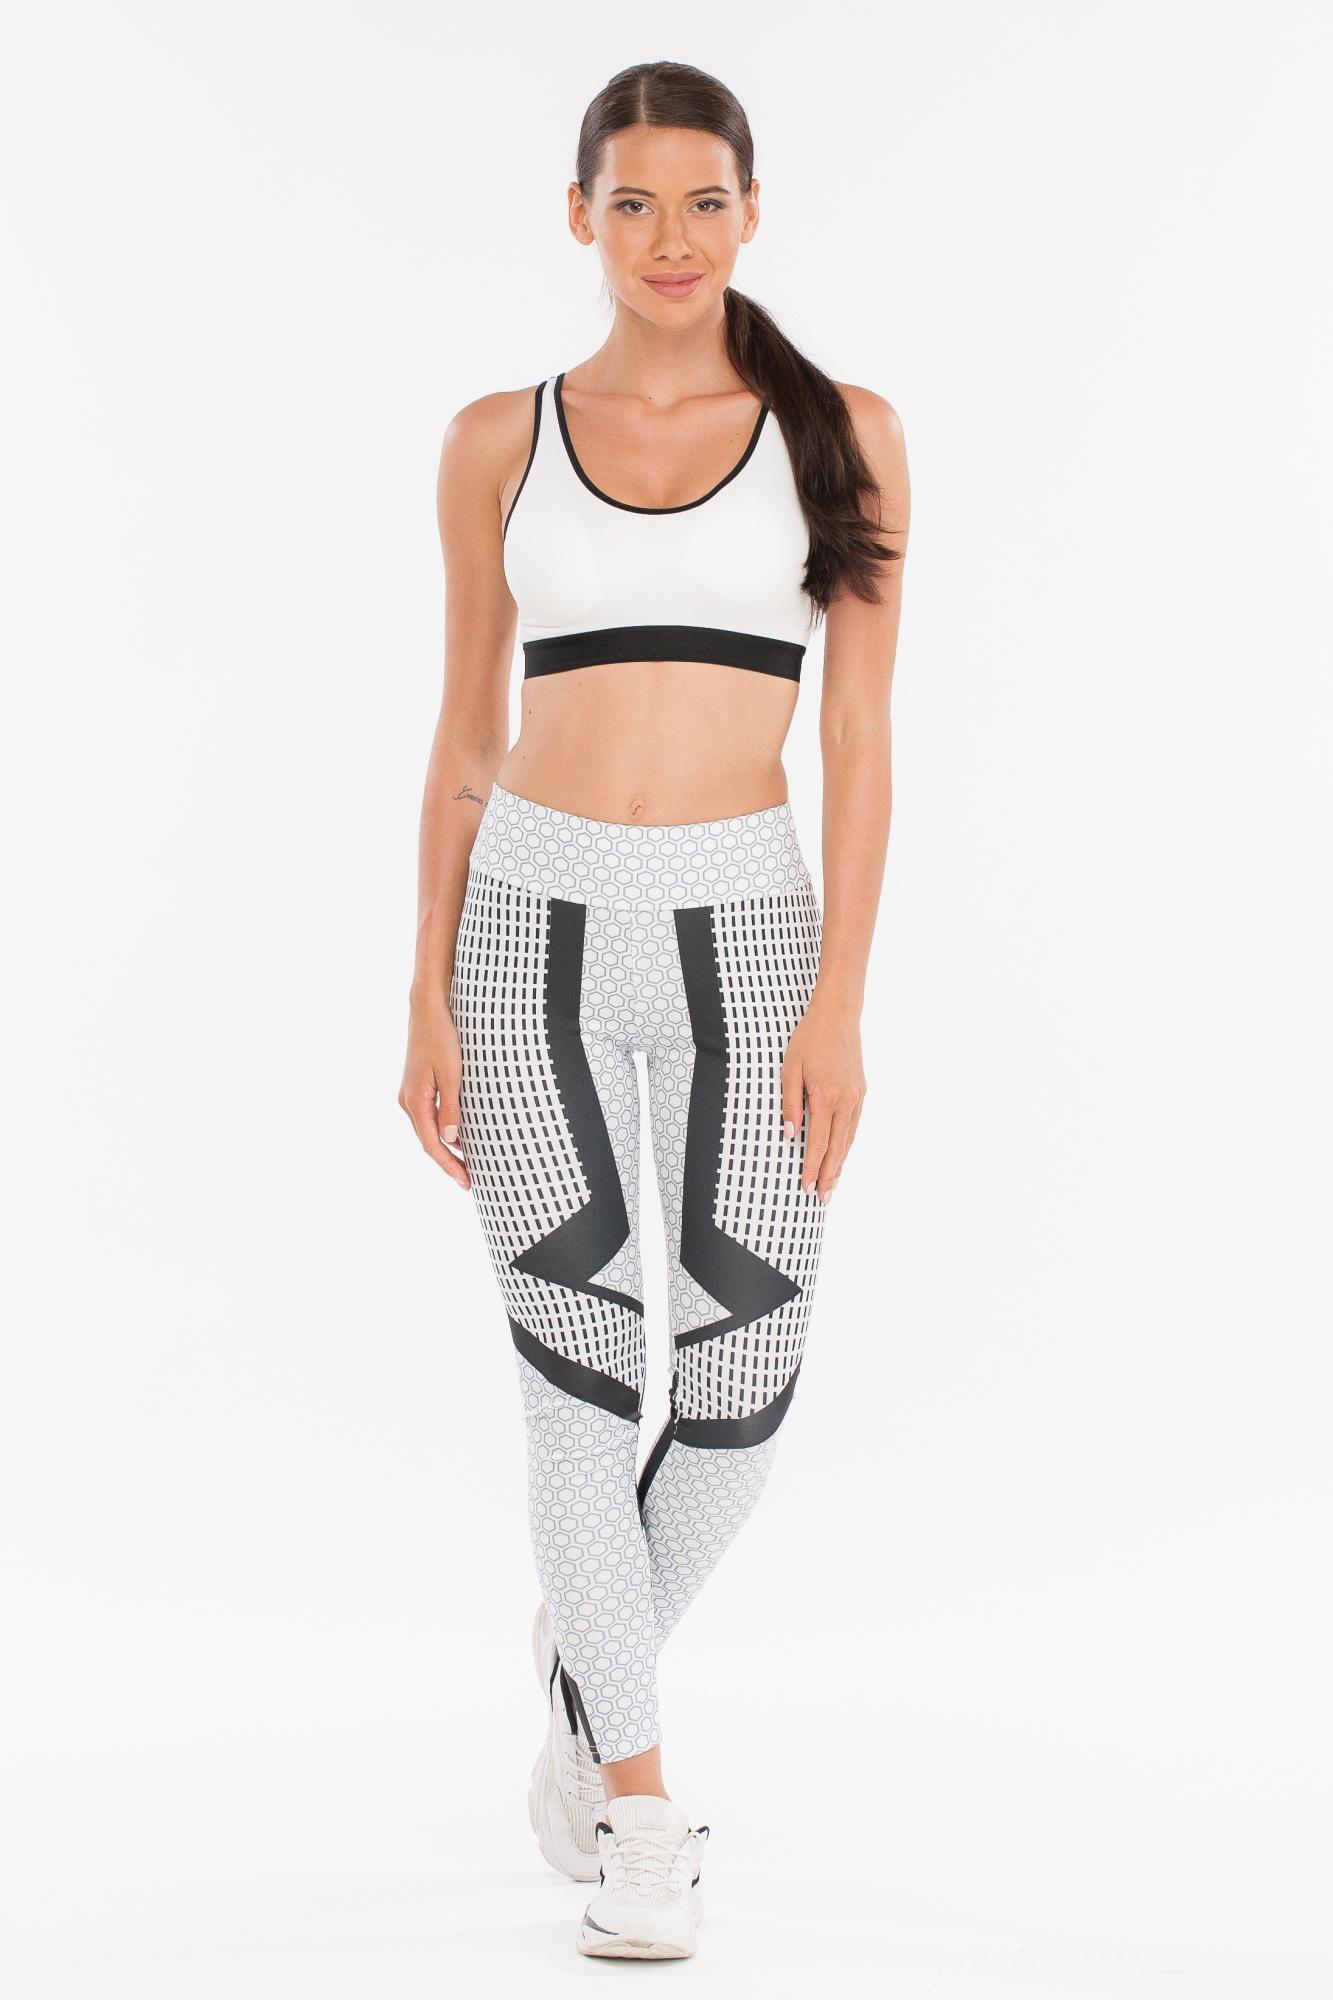 Леггинсы женские Morera, цвет: Светло серый. Размер 4295023 LIGHT GREY (S)Леггинсы для фитнеса, спорта и бега.